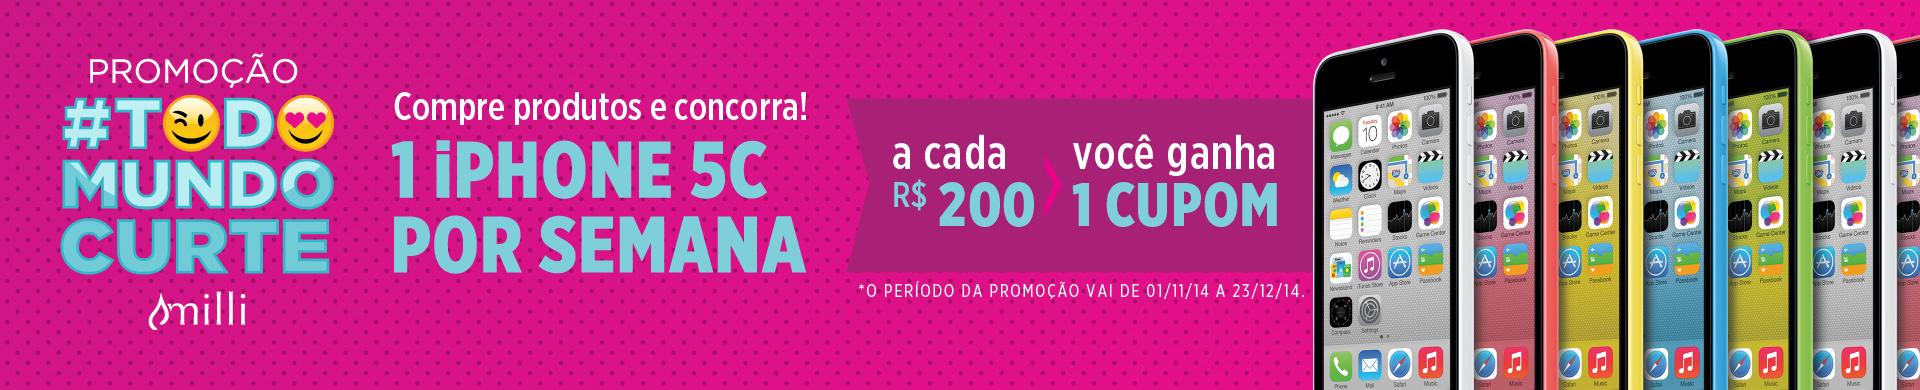 Banner randômico3